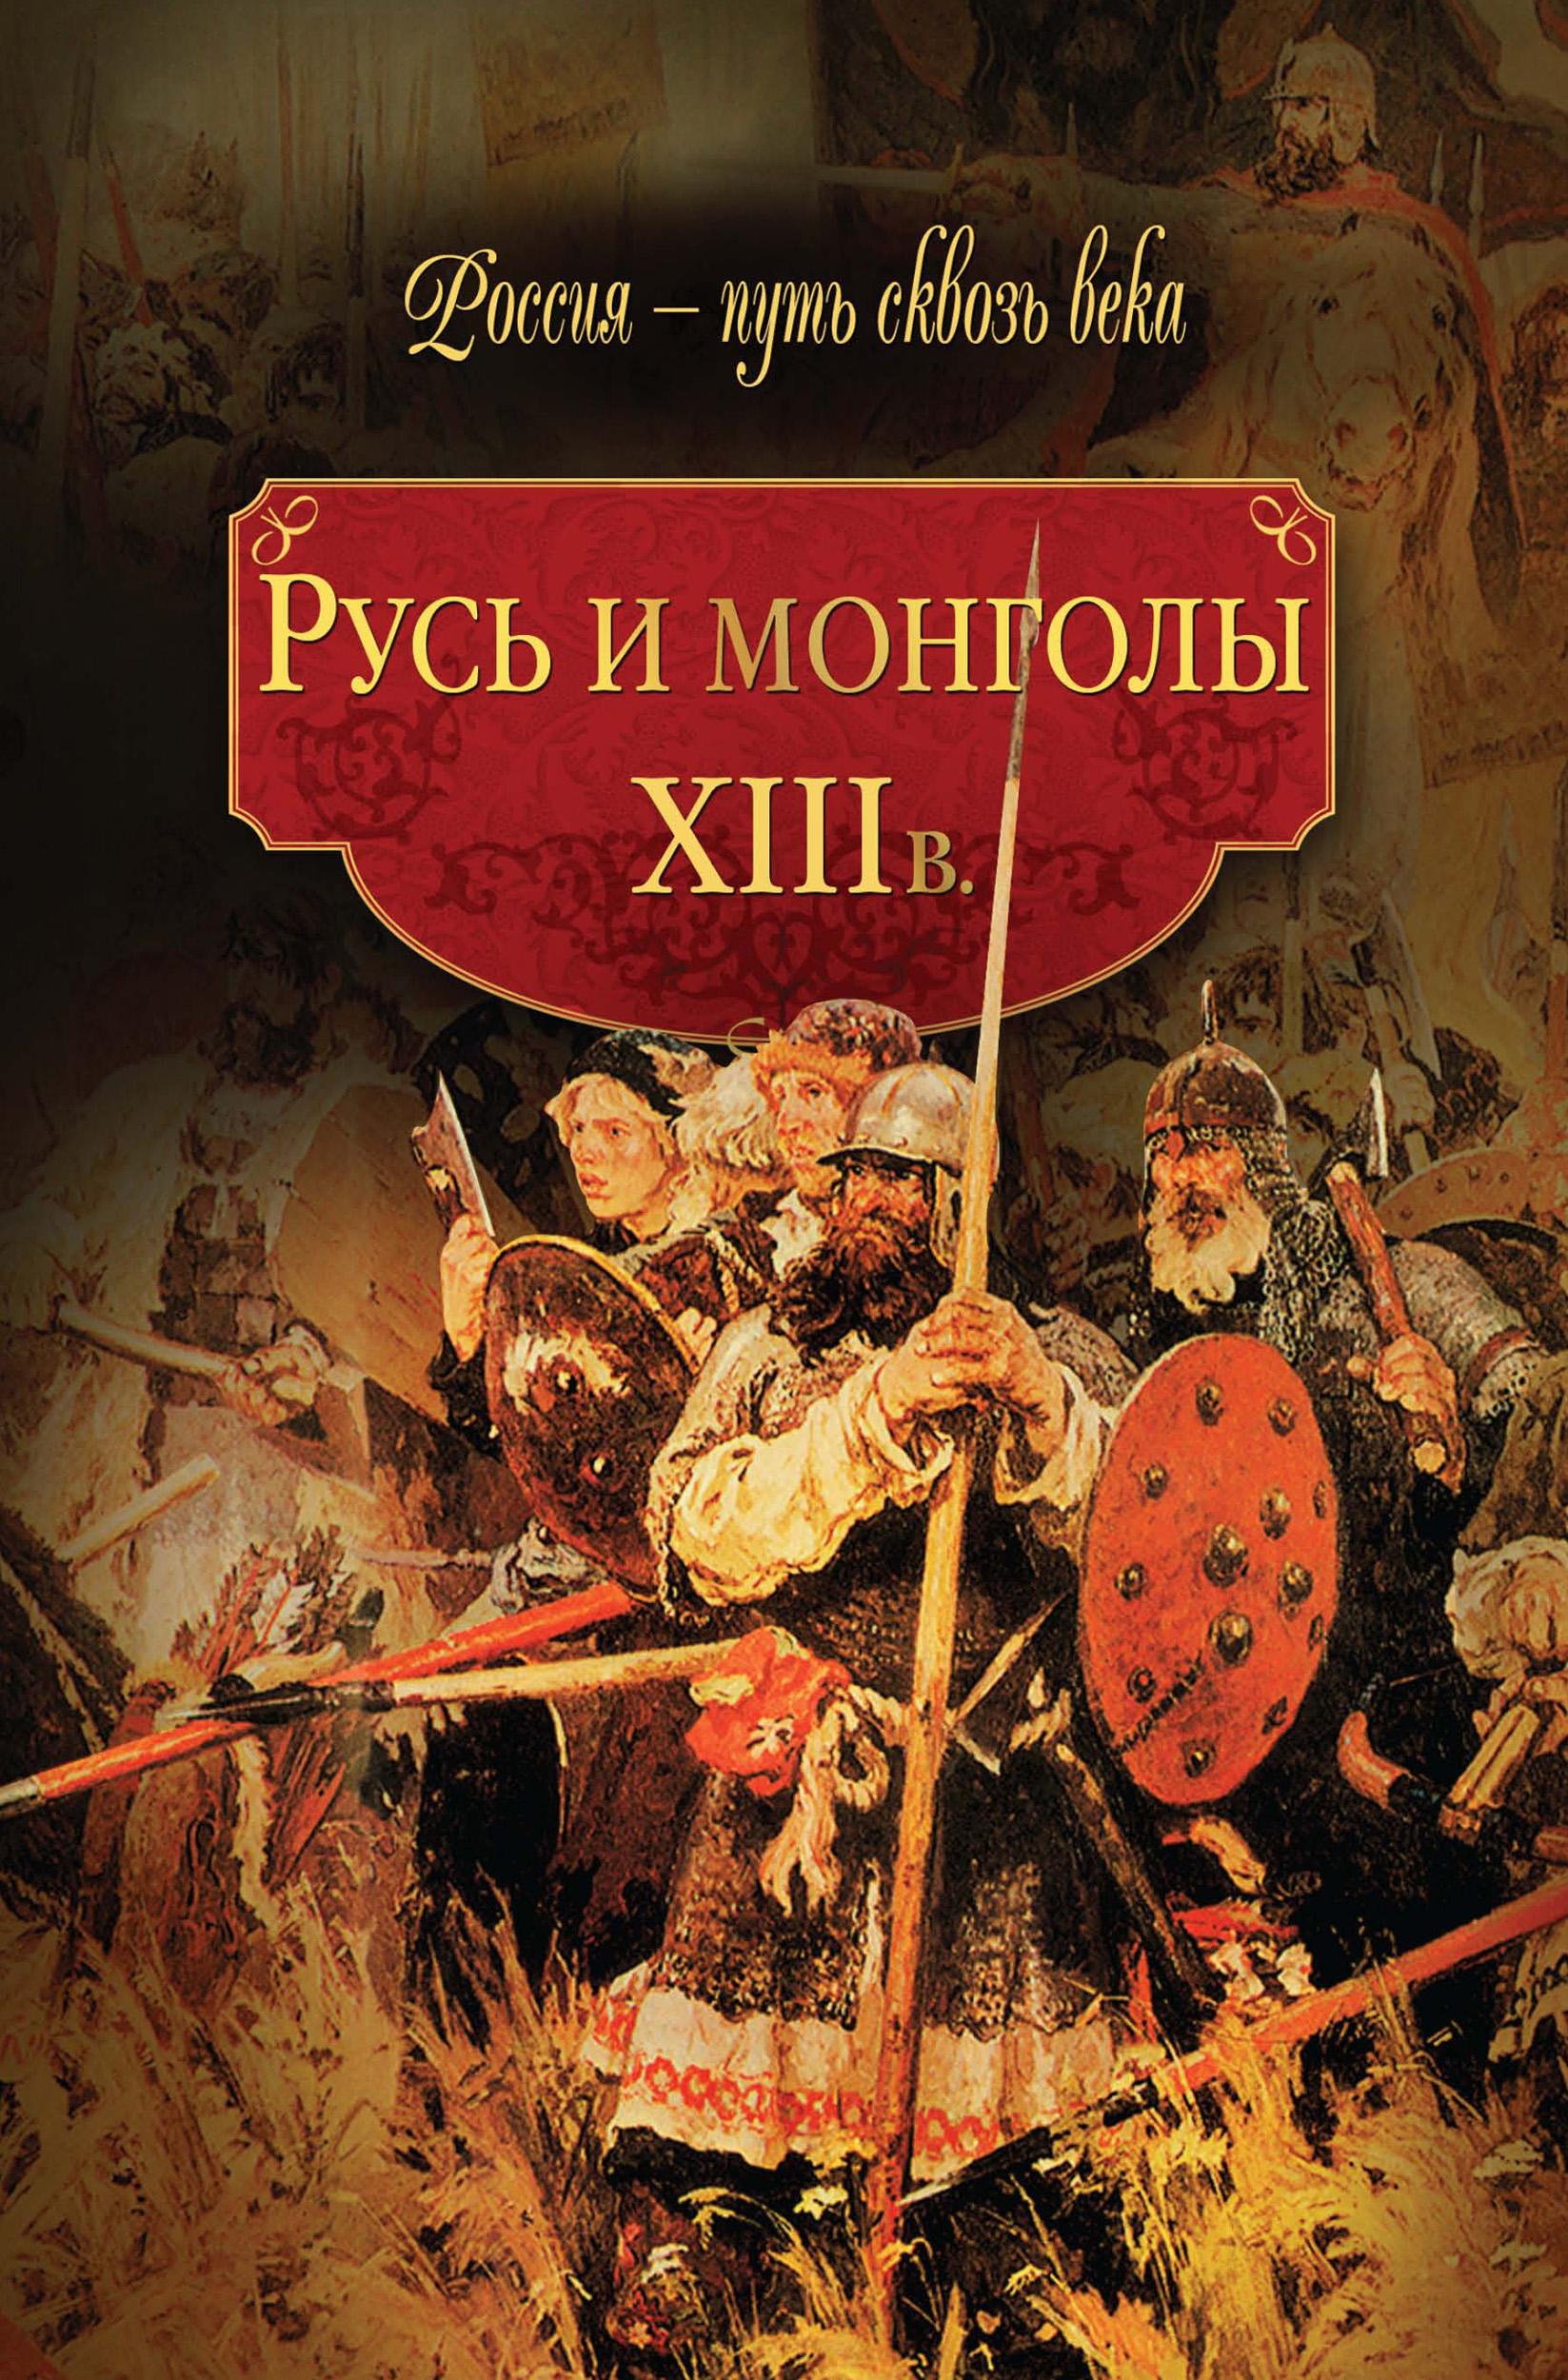 Коллектив авторов Русь и монголы. XIII в.